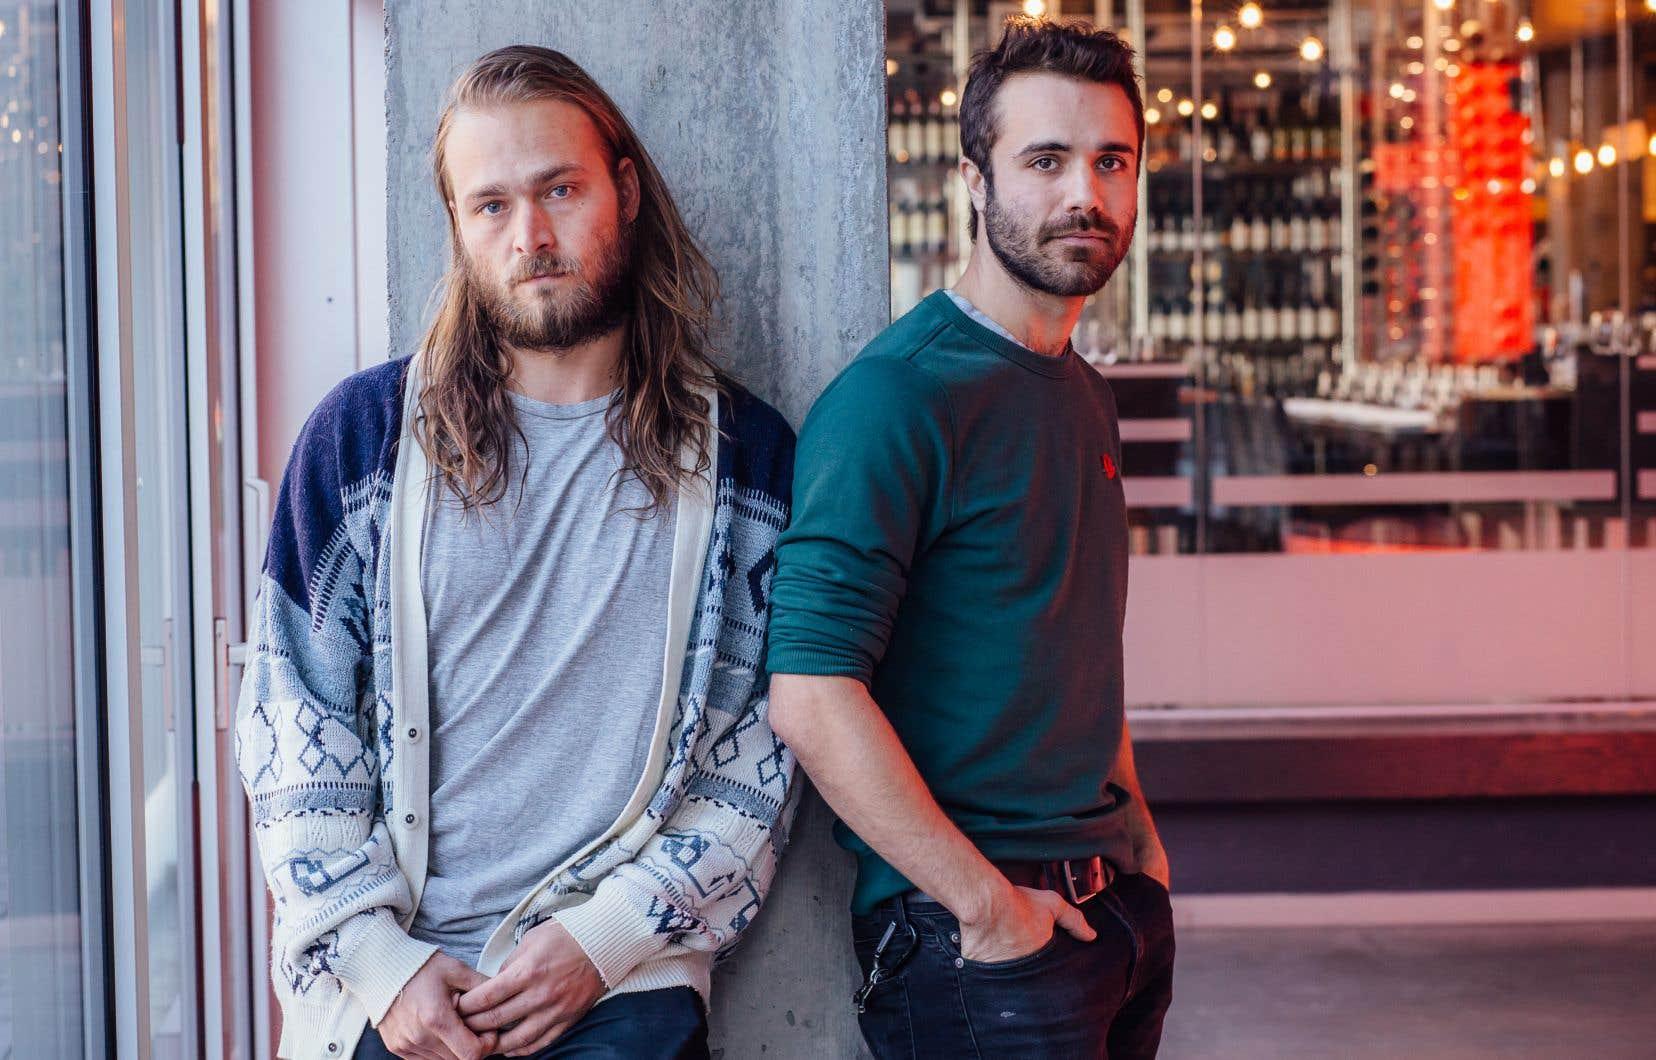 La réalisatrice Kim St-Pierre s'est entourée de Maxime Dumontier (à gauche) et de Jean-Simon Leduc pour incarner des «hommes à la fois forts et vulnérables».